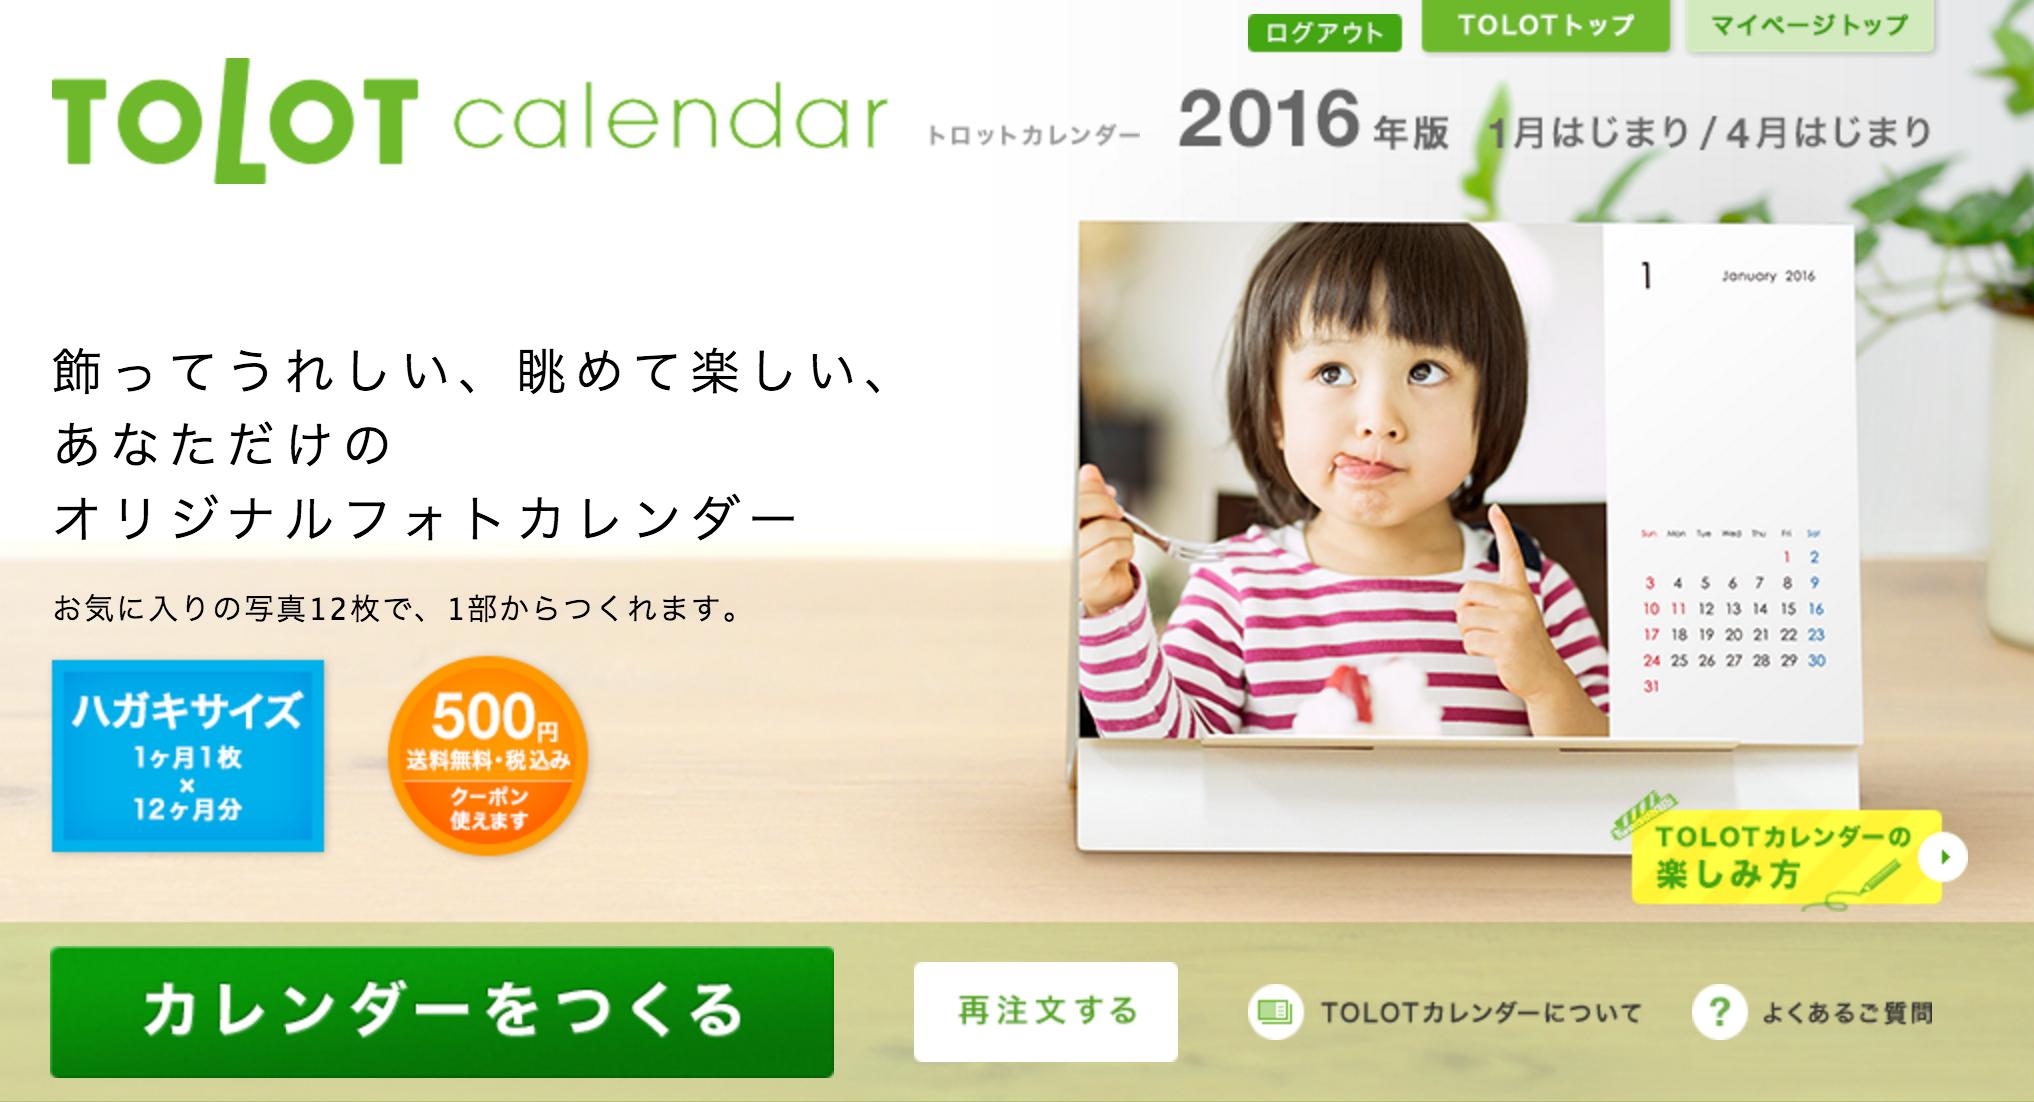 フォトカレンダー 500円 TOLOT